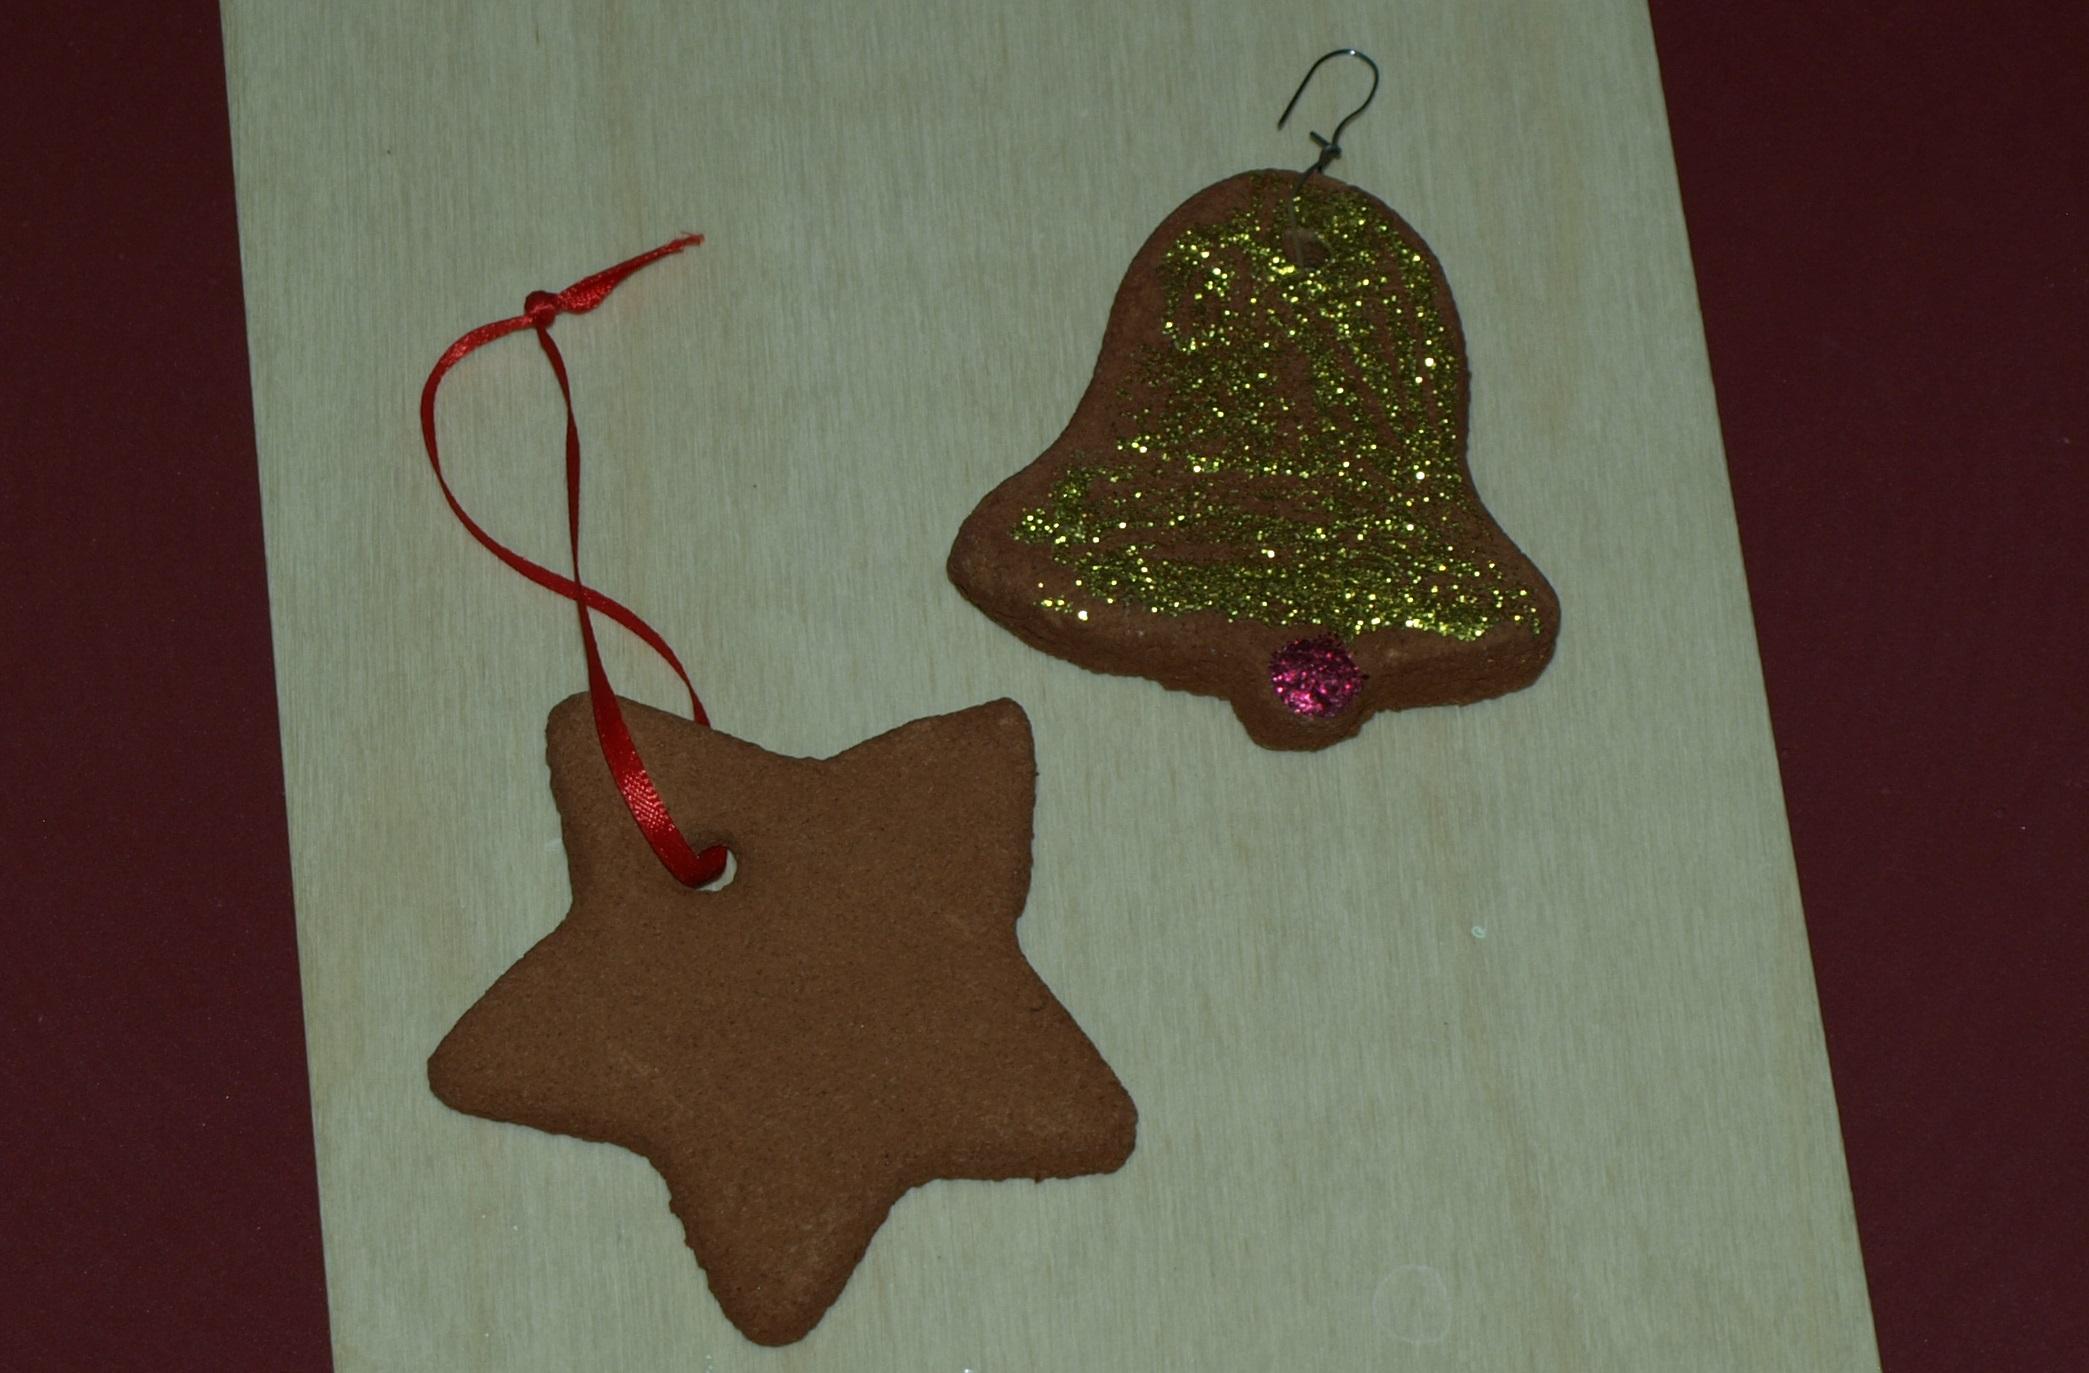 Cinnamon ornaments - Virtually Montessori